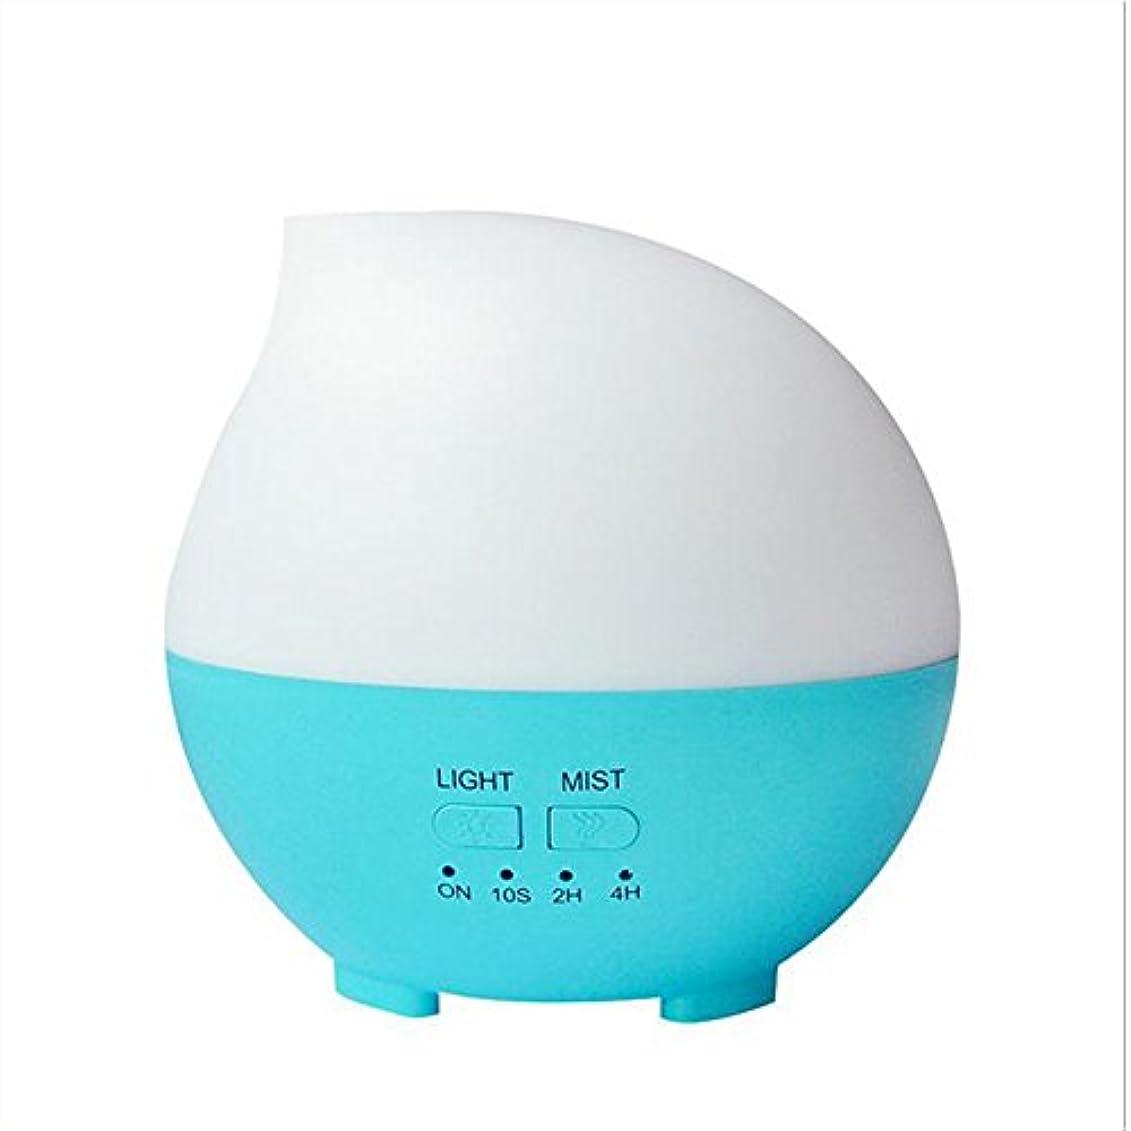 箱魔女キャロライン加湿器フィルター 加湿器アロマセラピーディフューザーカラーLEDライトホーム車のオフィス(14 * 14 * 14センチメートル) ( Color : Blue )